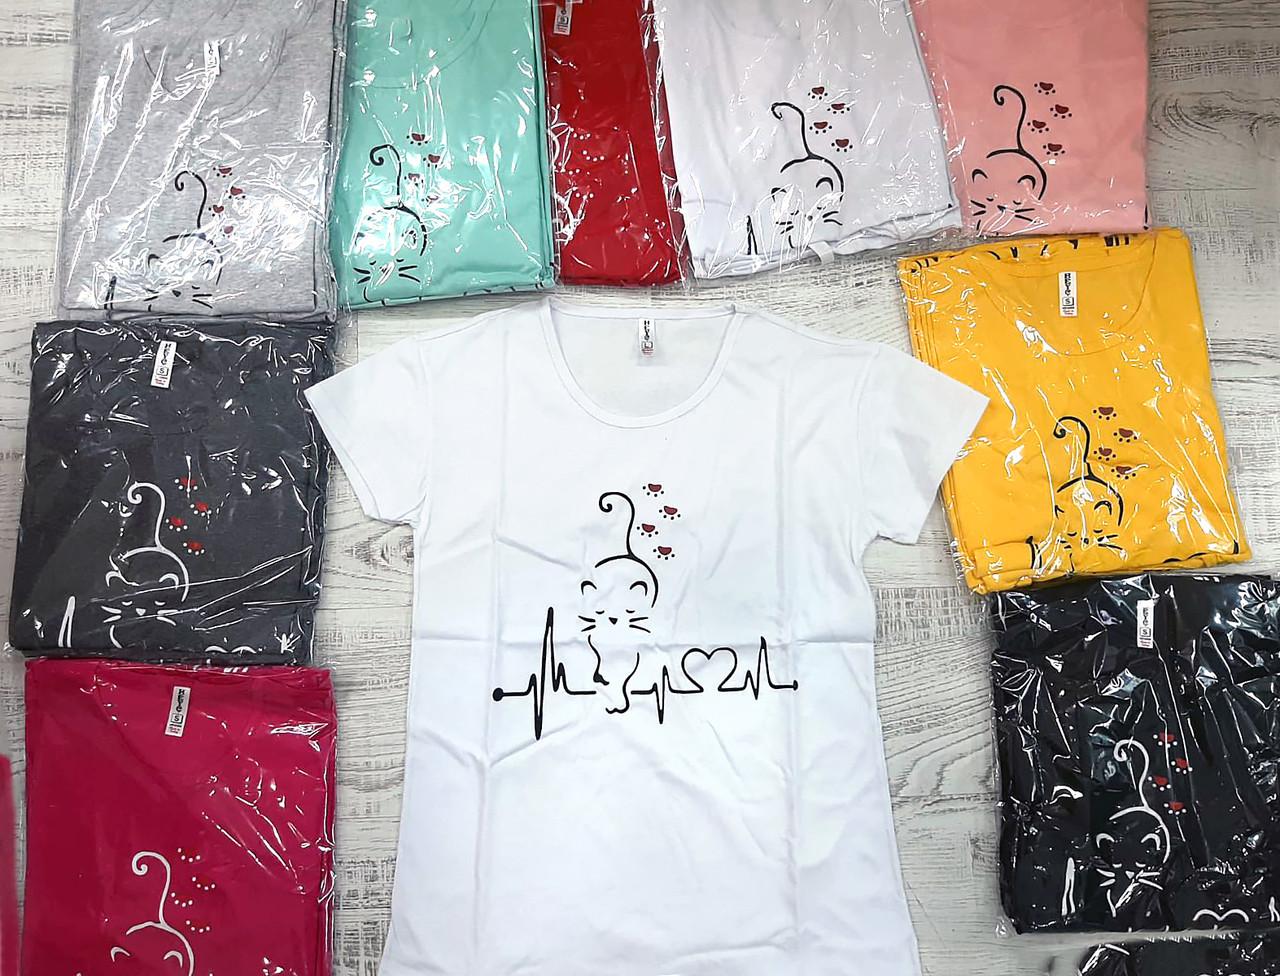 Жіноча футболка пряма універсальна 42-46 (в кольорах)